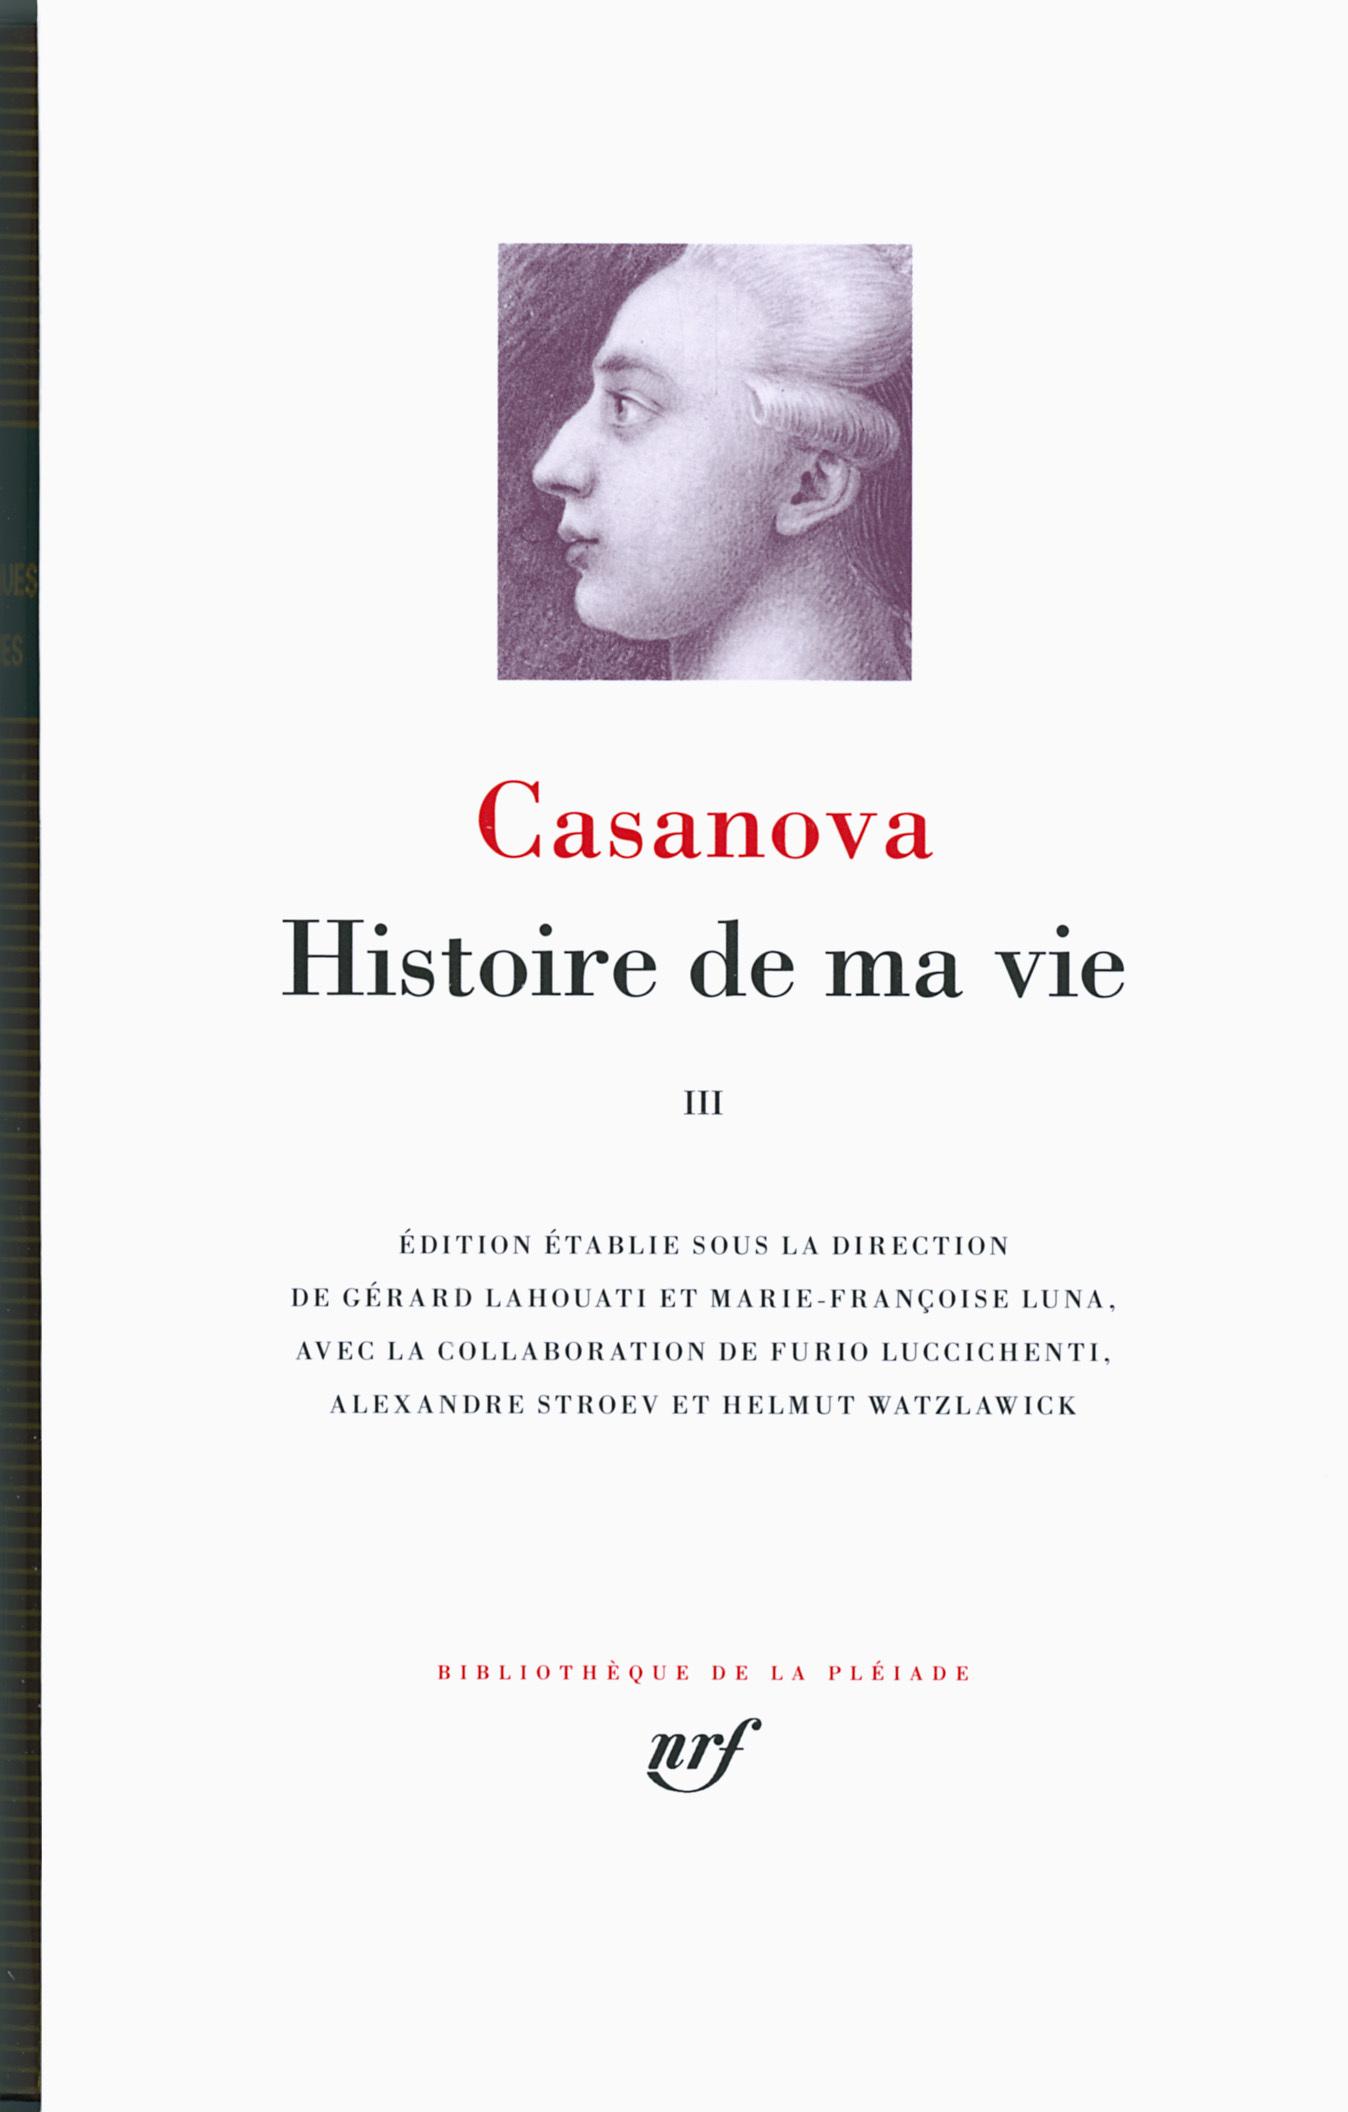 HISTOIRE DE MA VIE T3